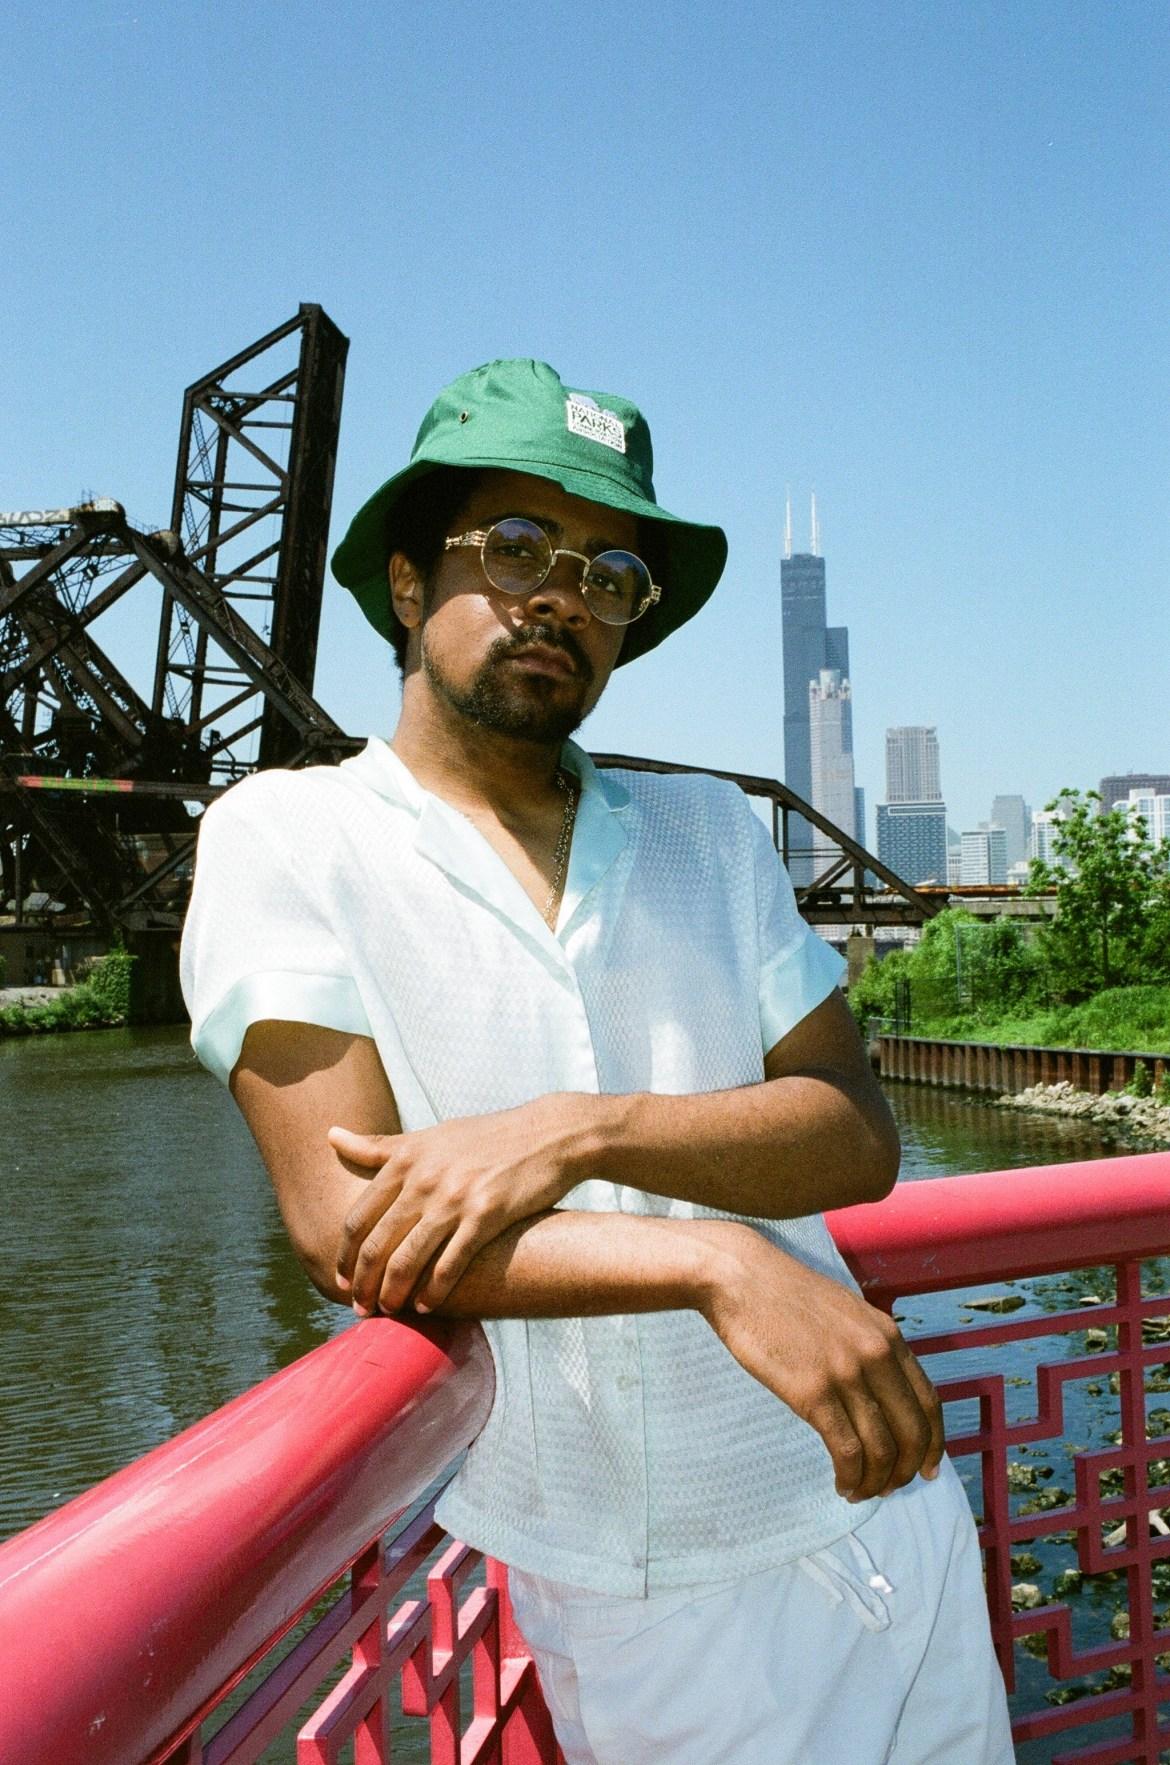 Nate on Bridge